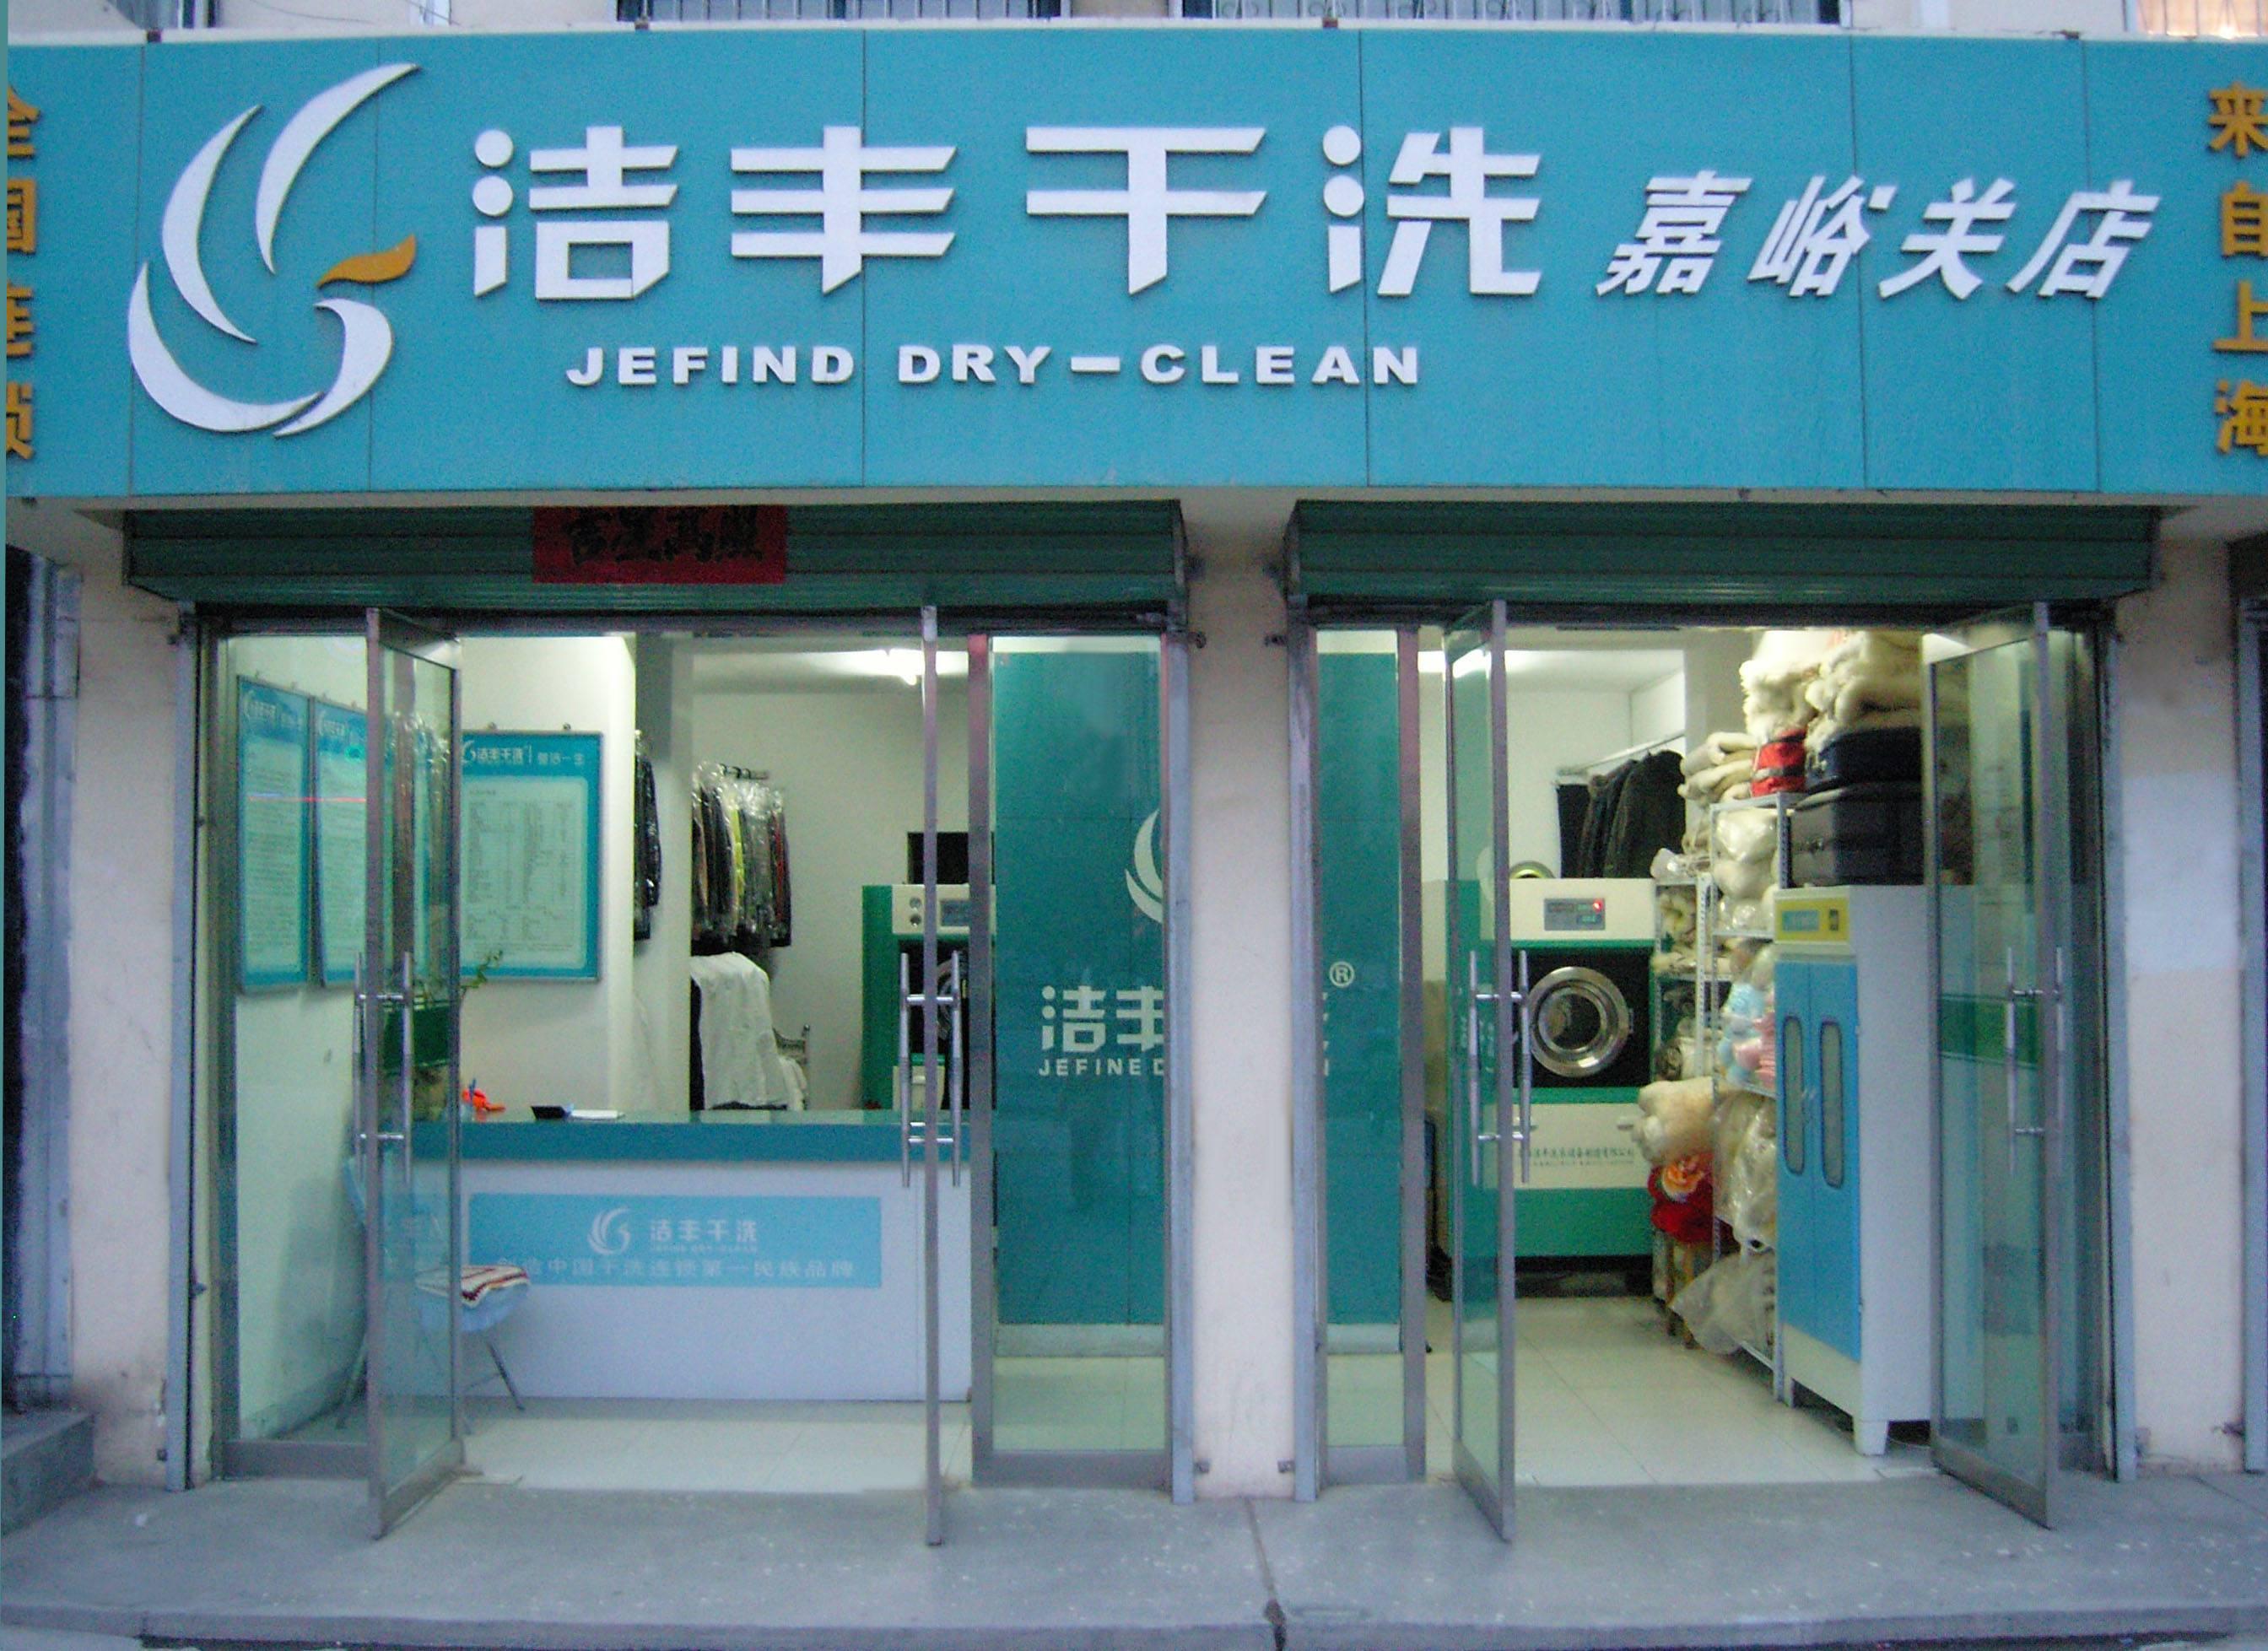 目前开干洗店要投资多少钱